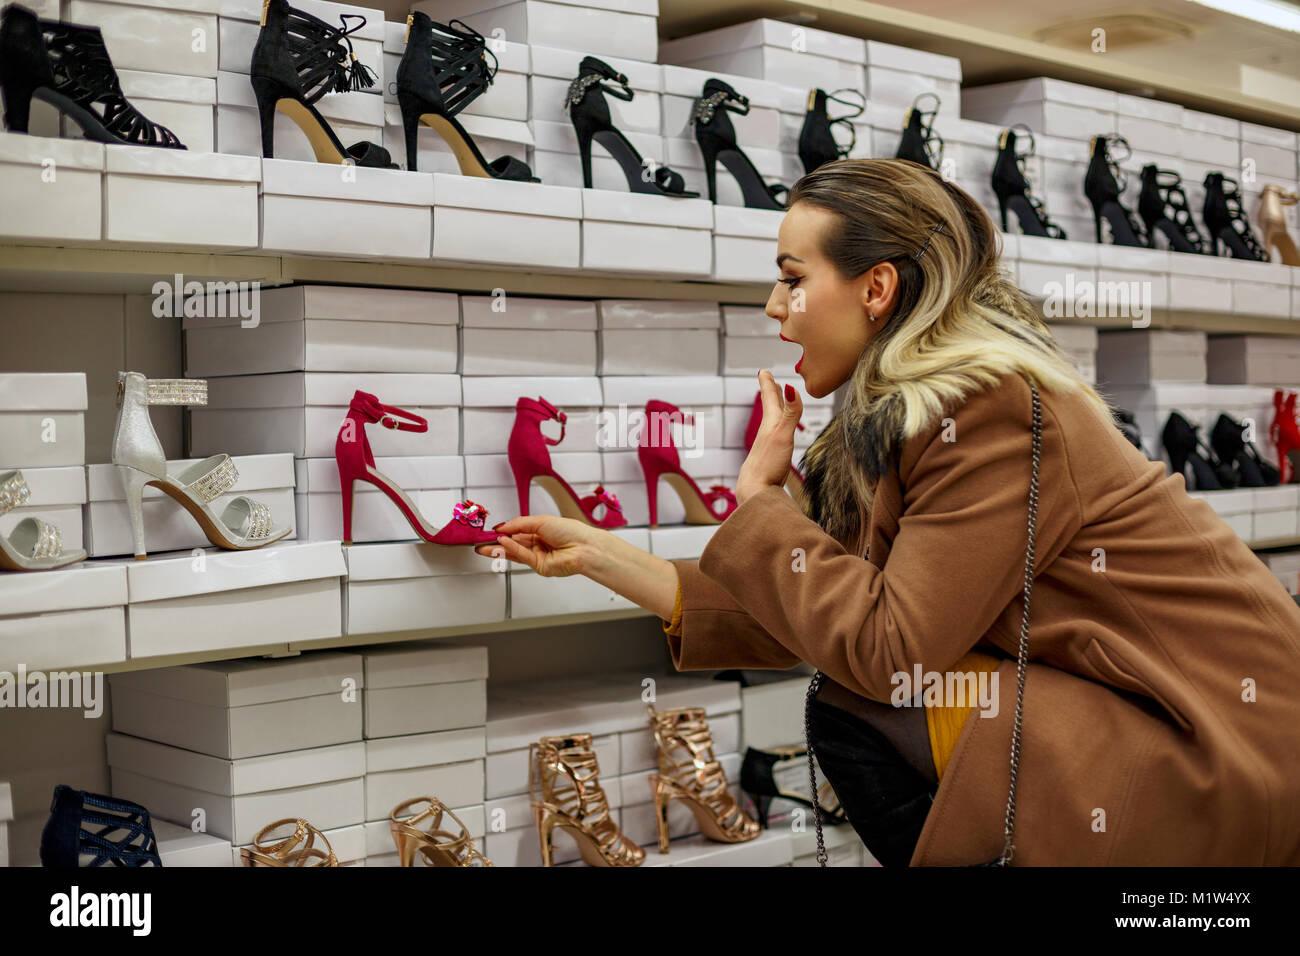 d8f6e527deb732 Glückliche junge Frauen einkaufen bei Schuhe Store Stockfoto